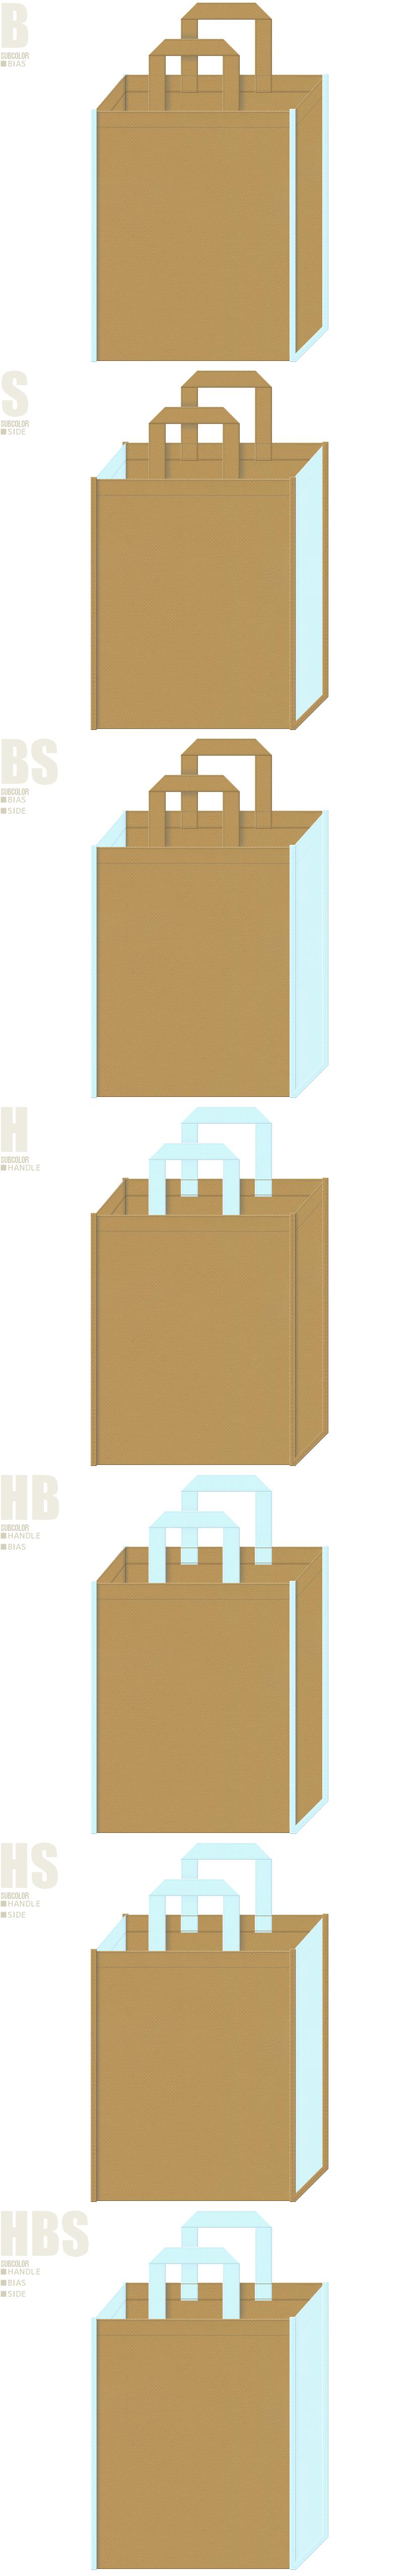 金色系黄土色と水色、7パターンの不織布トートバッグ配色デザイン例。